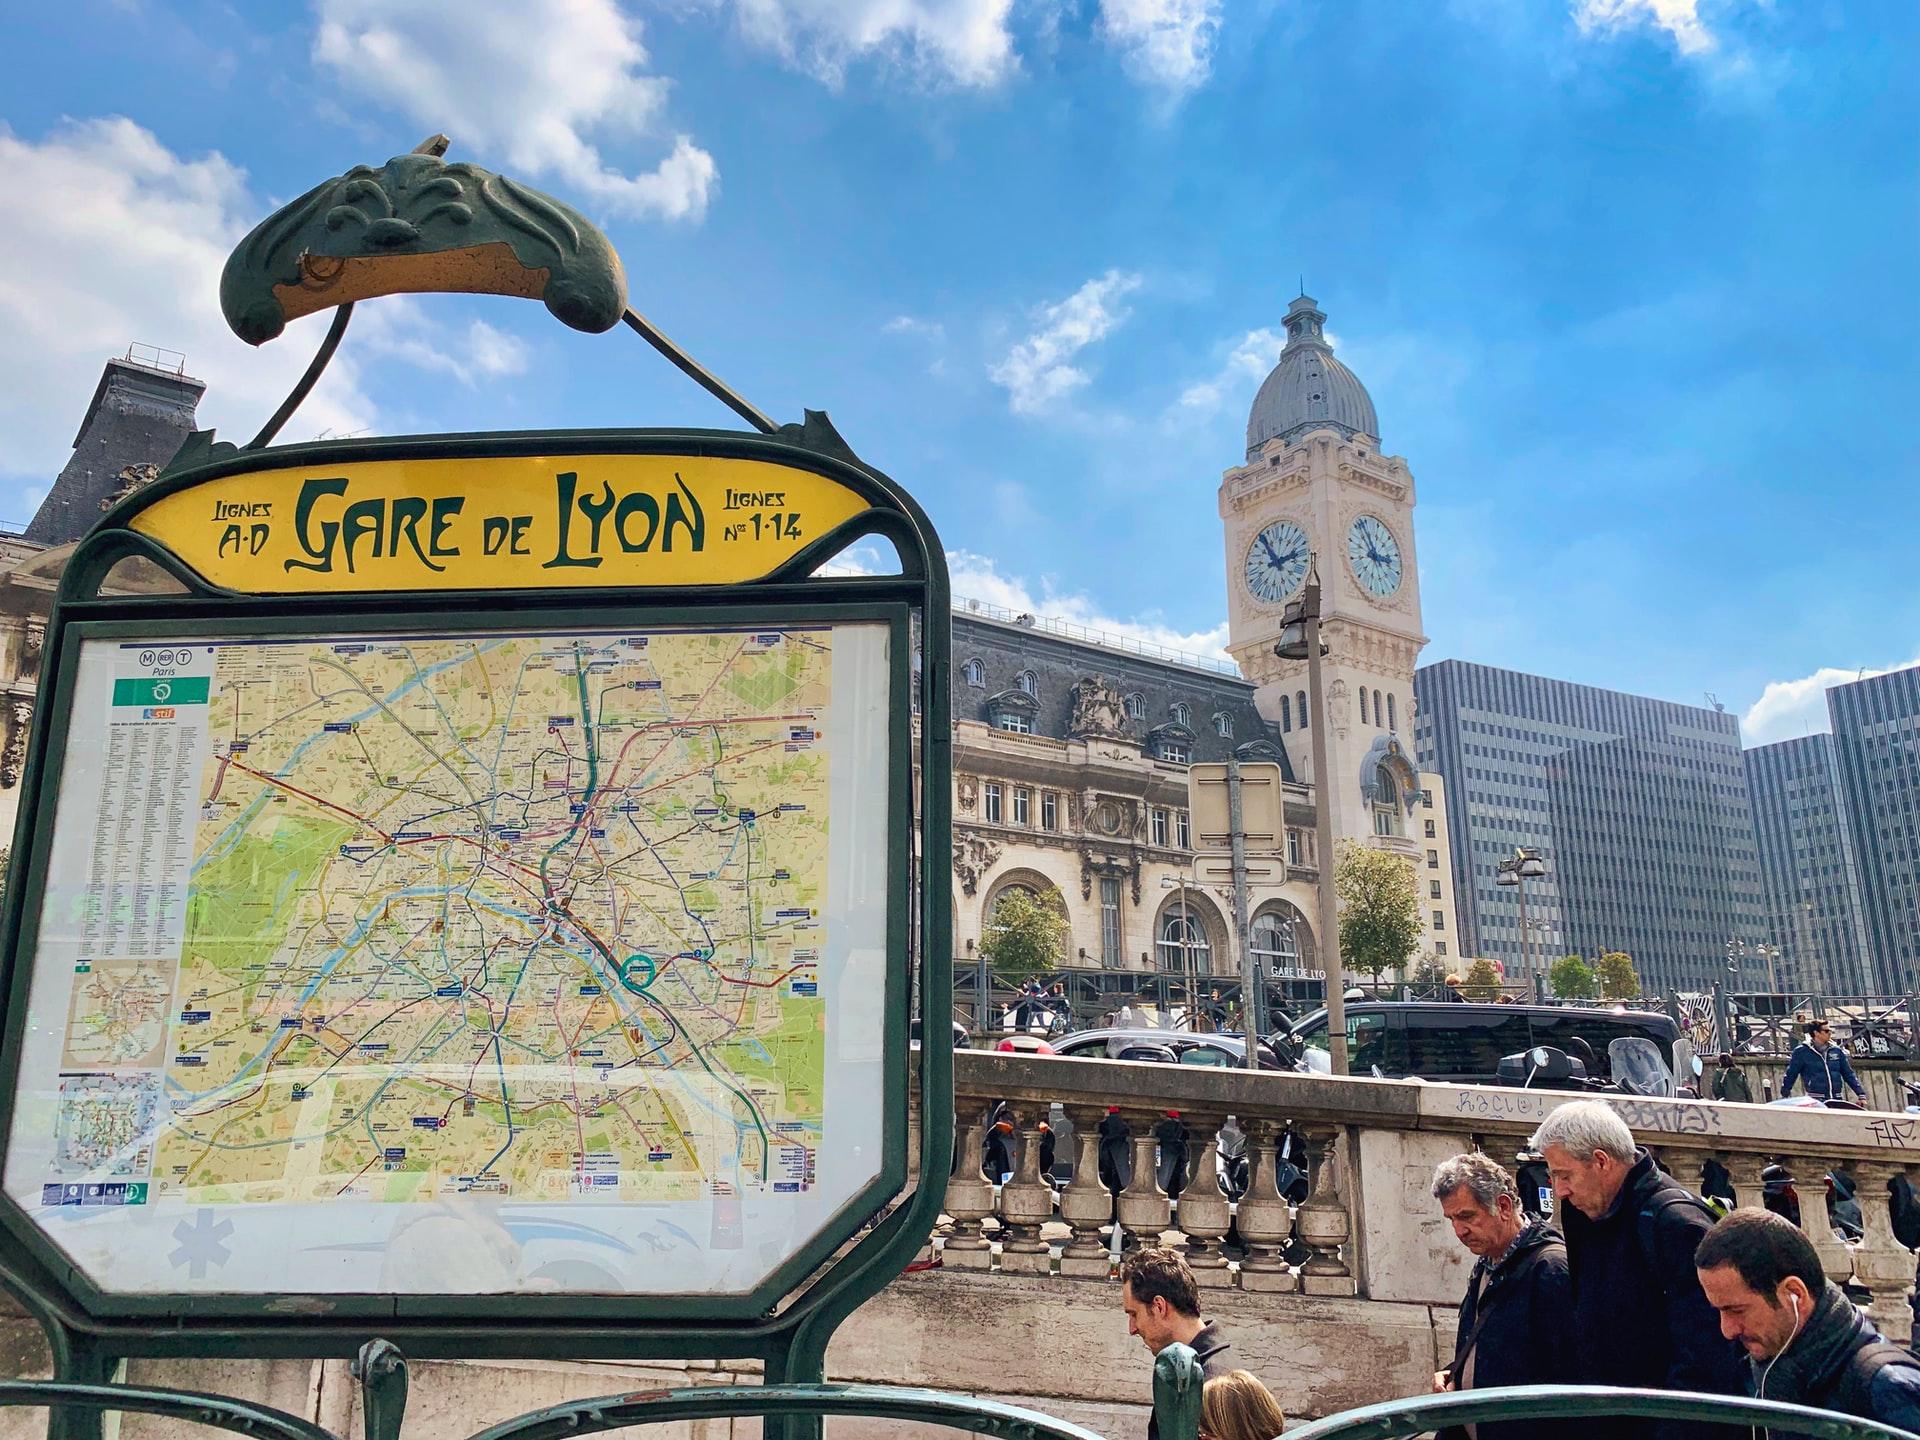 Gare de Lyon sign in Paris